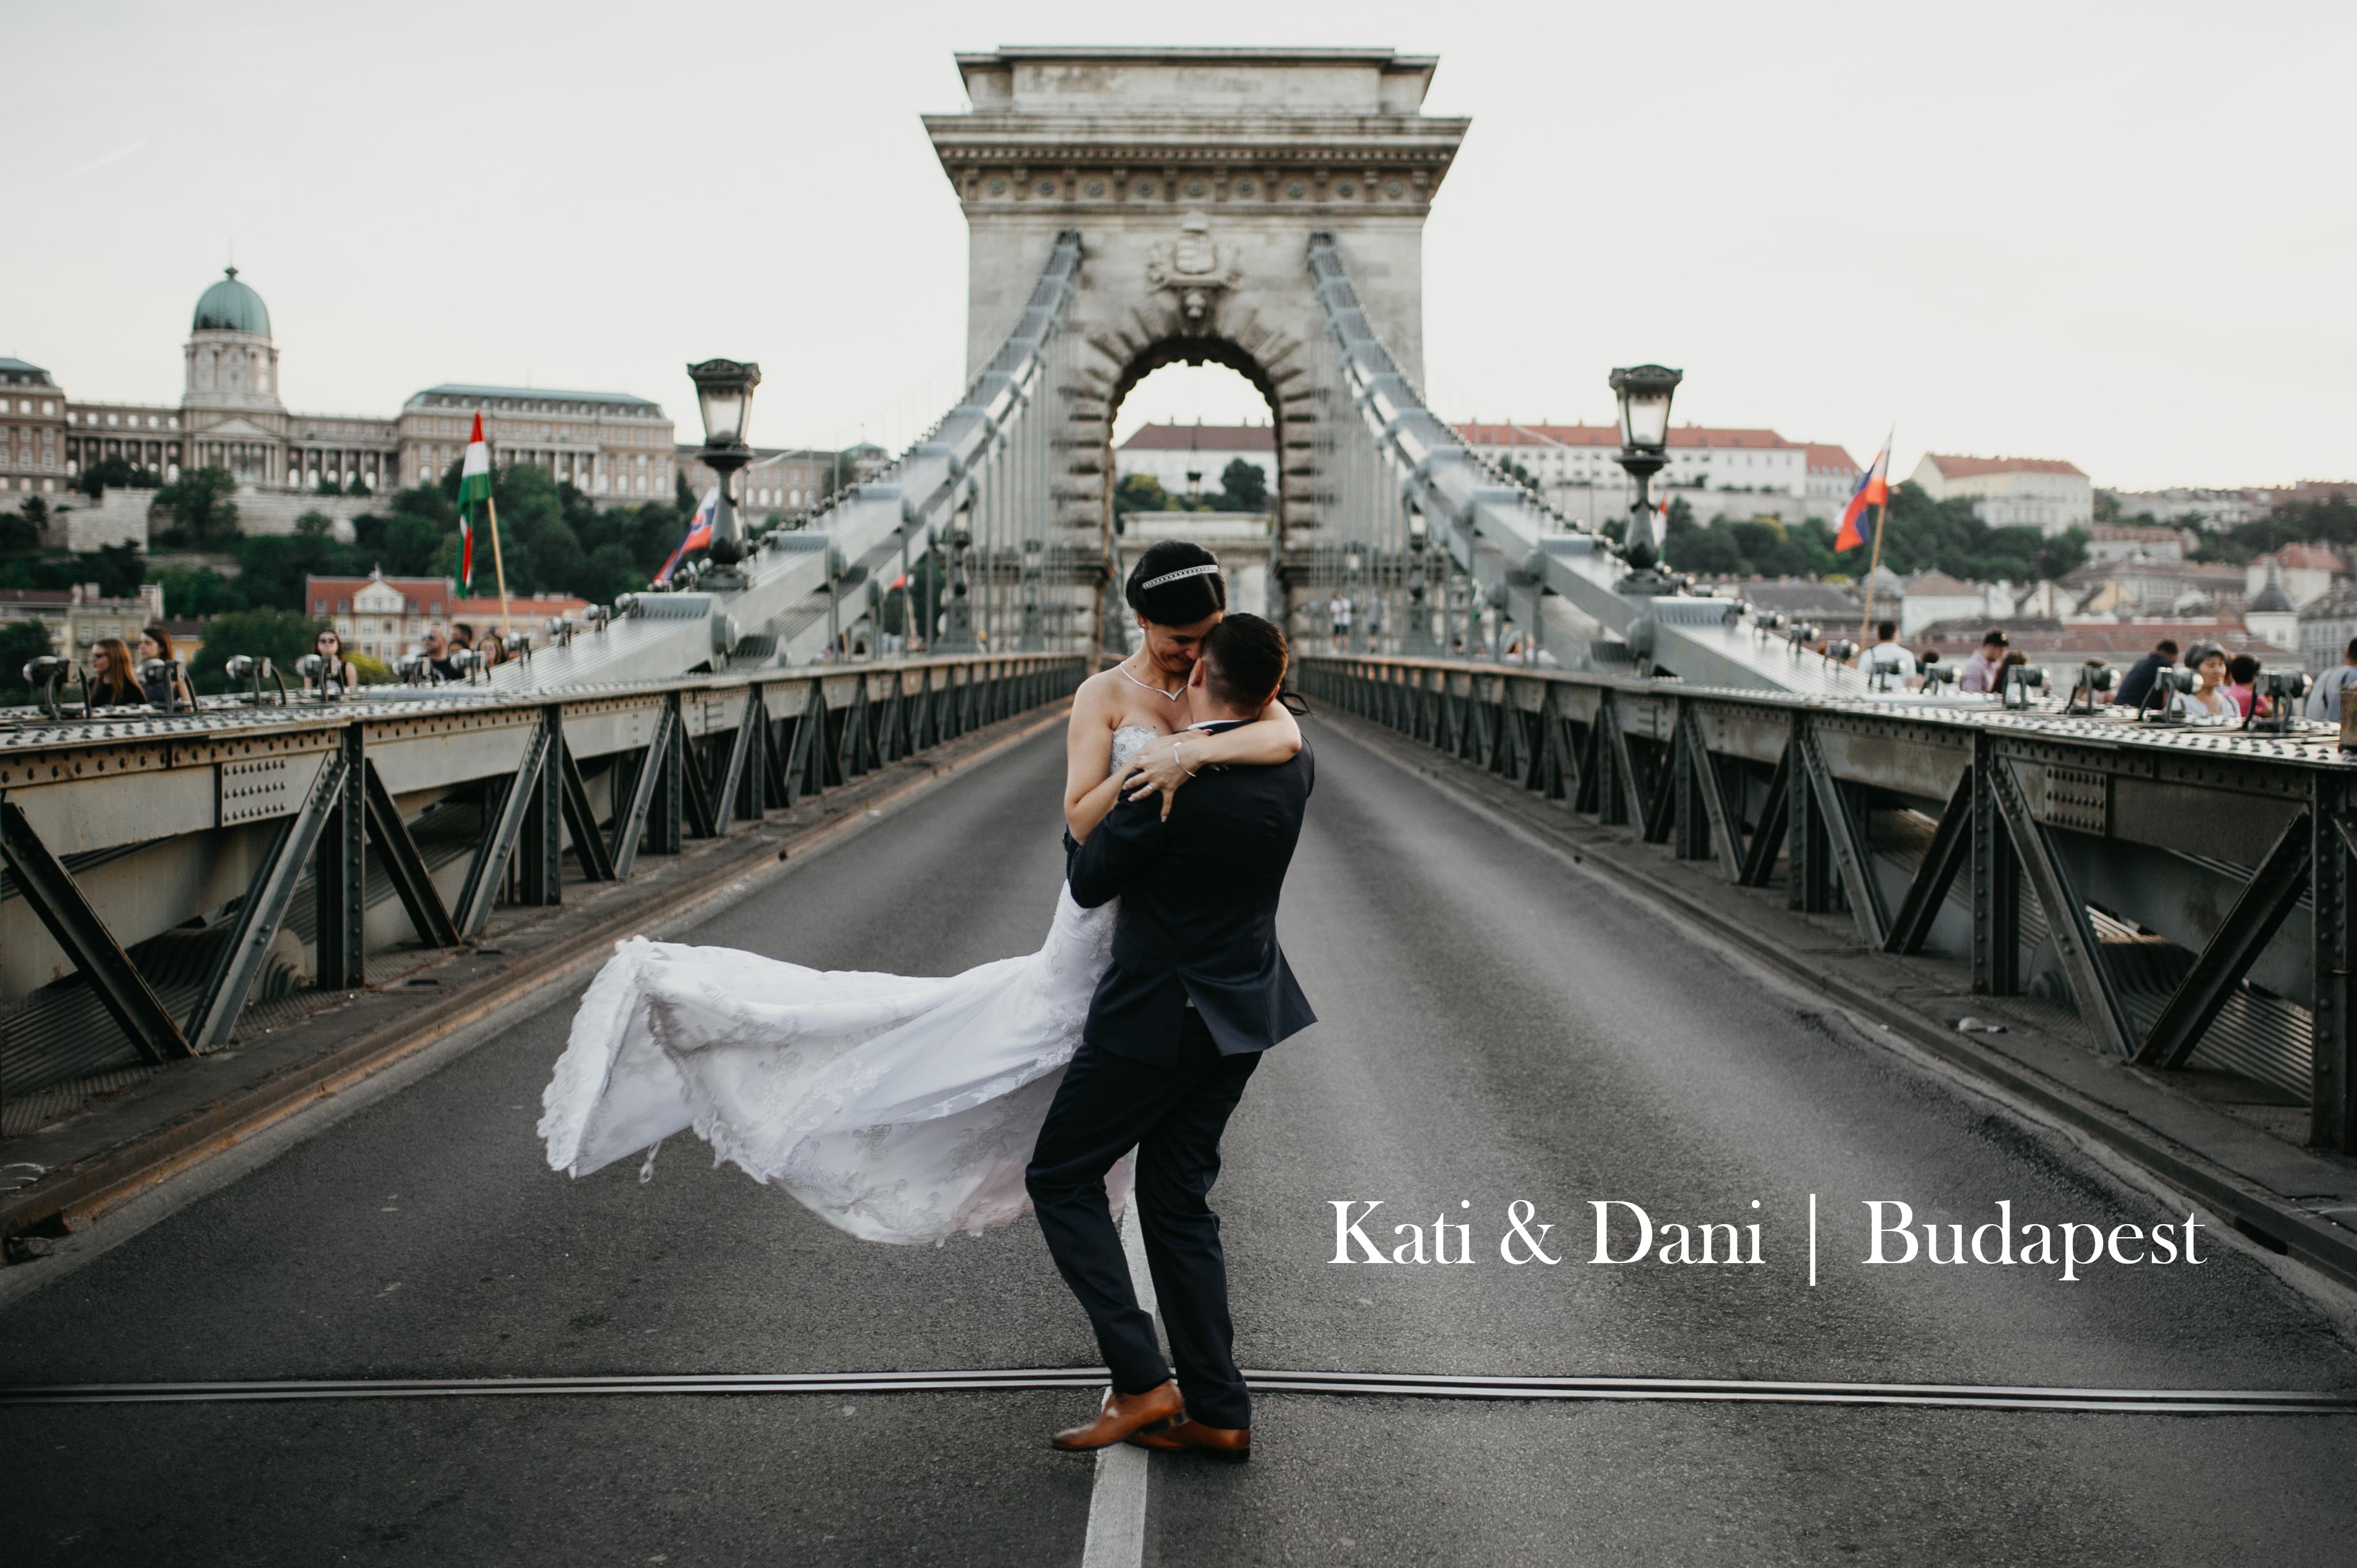 Kati & Dani | Budapest story